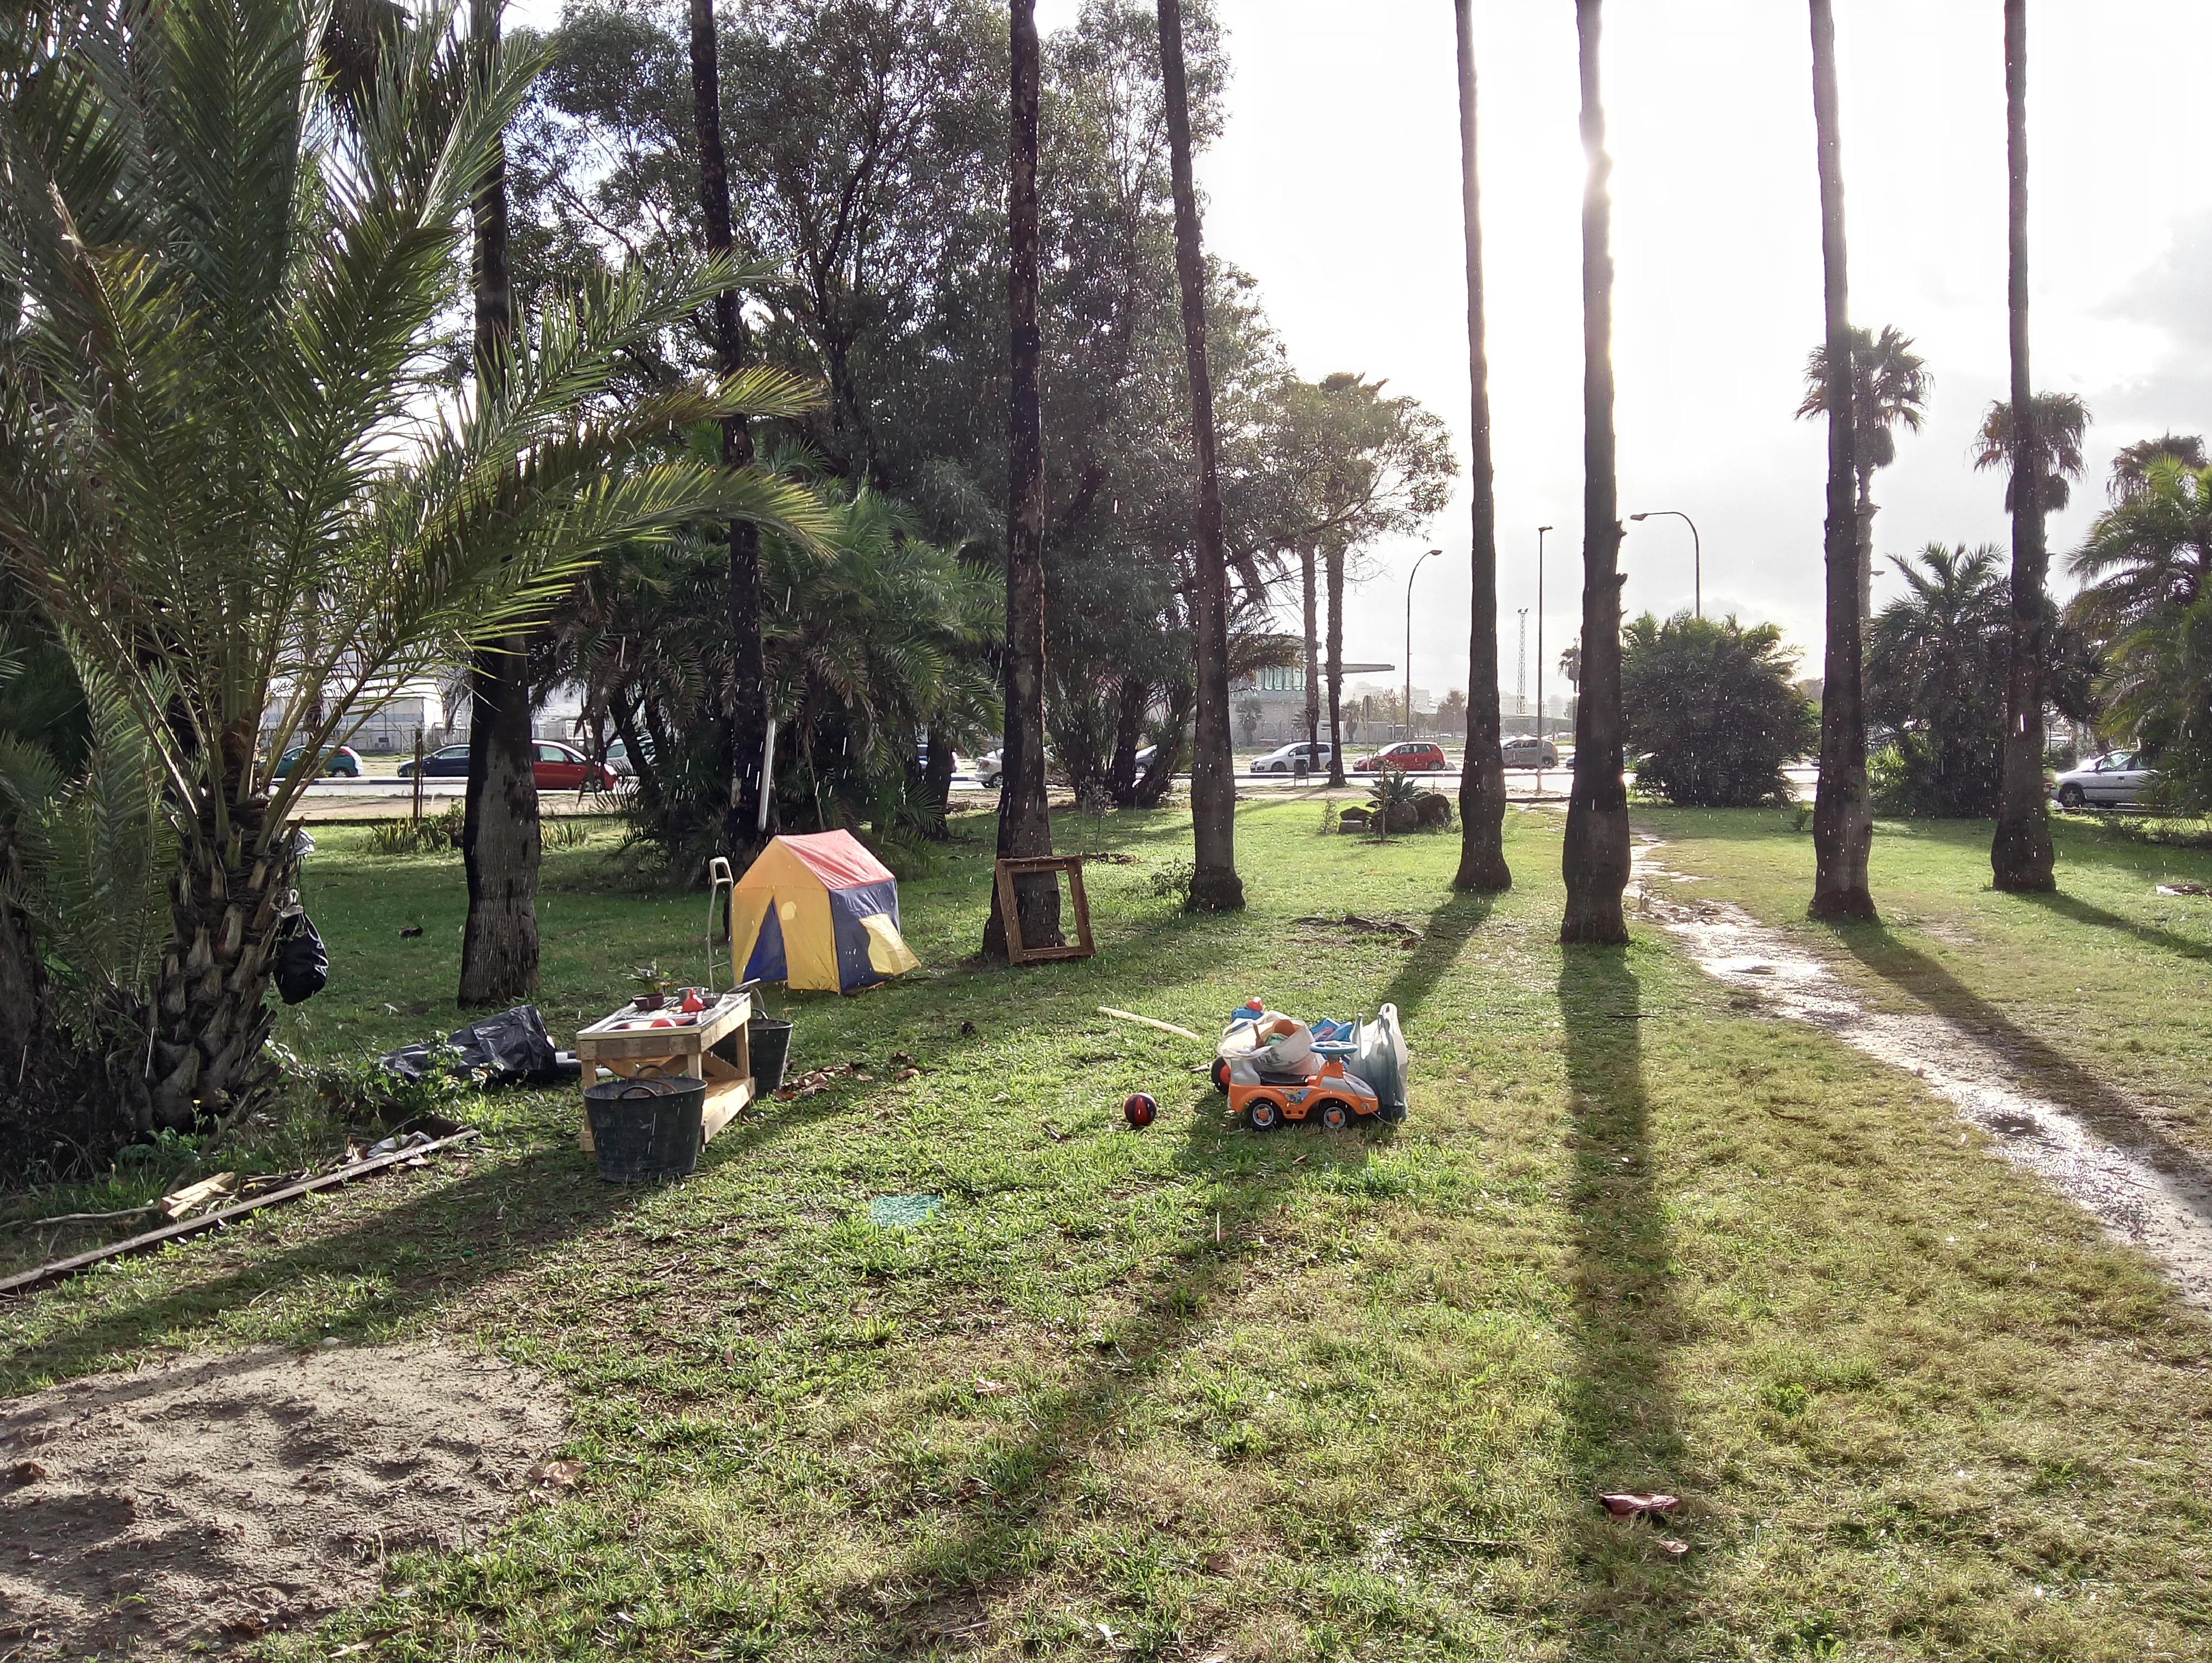 Día de lluvia en el parque, así estuvimos, no vino nadie. Me costó un par de veces darme cuenta de que esto es Andalucía y que la genet no sale si llueve ><